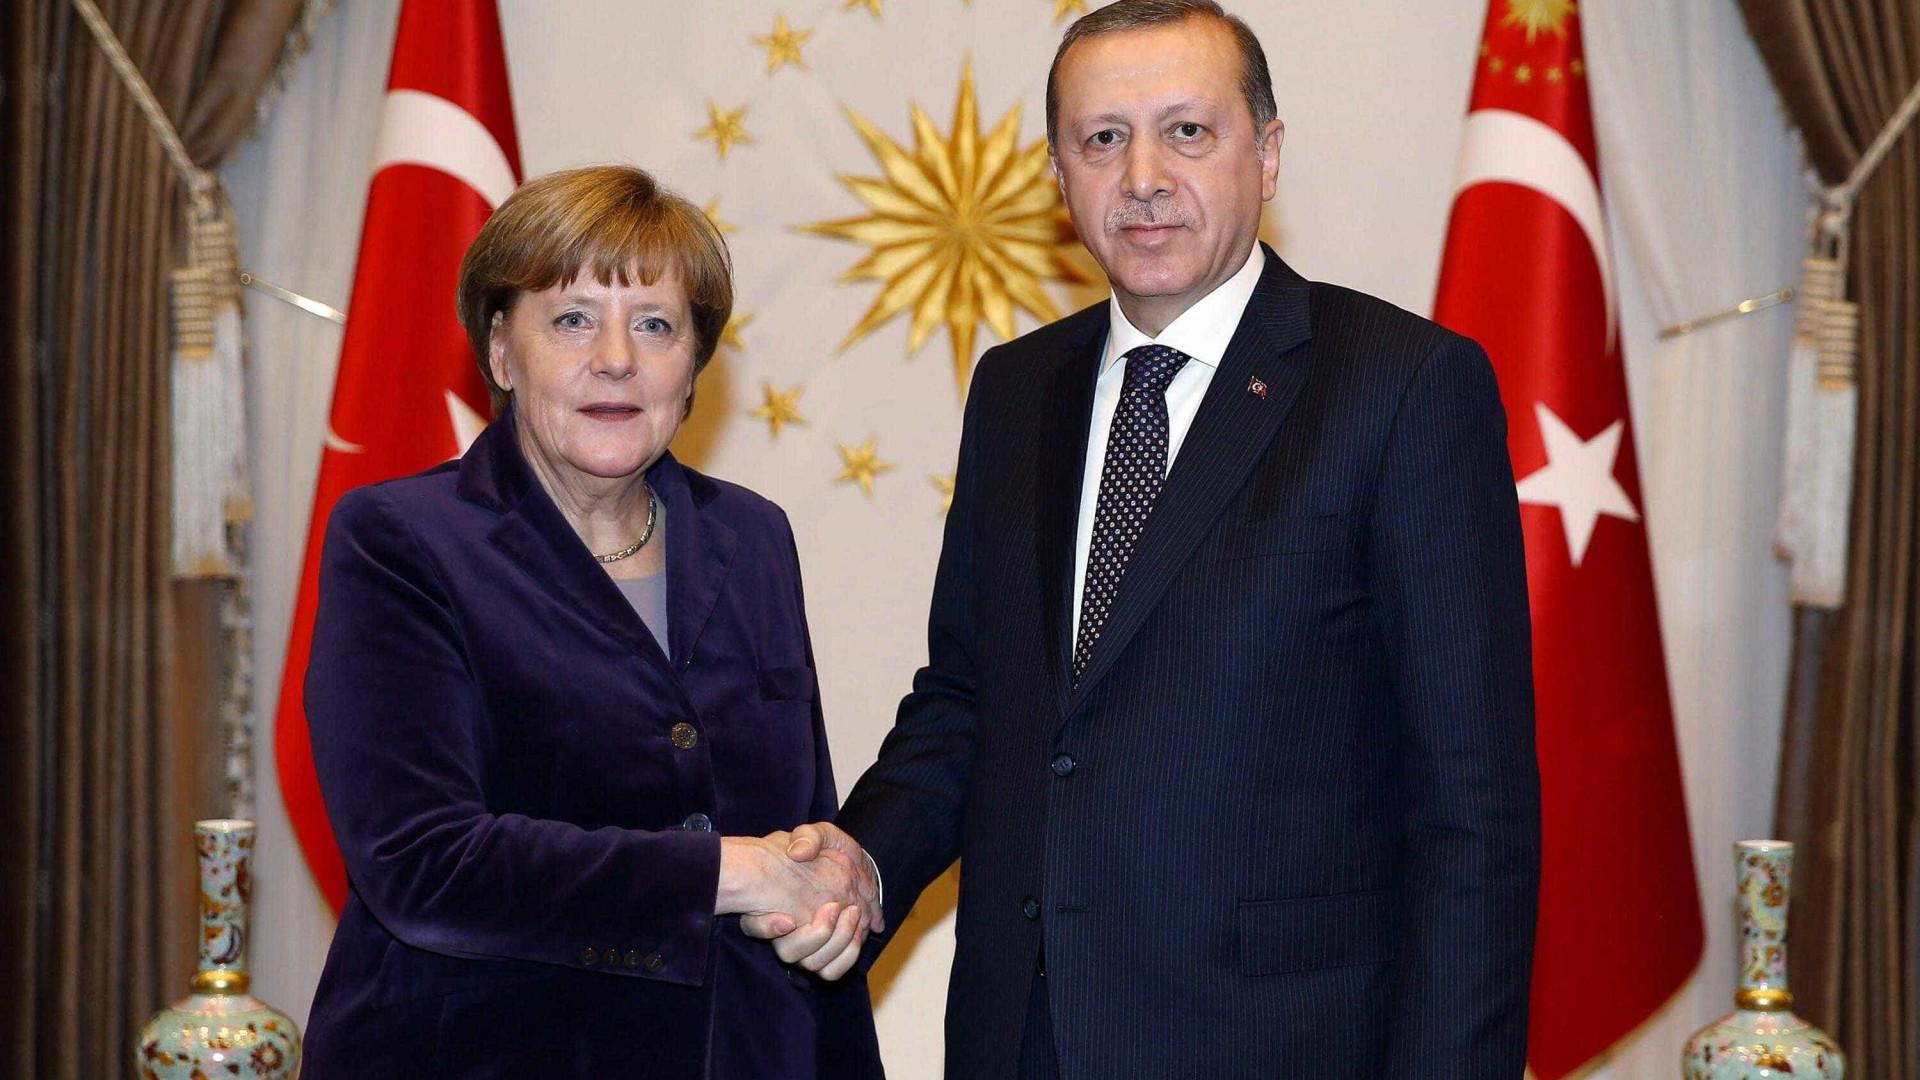 Comparação de Erdogan entre  Merkel e o nazismo: 'inaceitável'